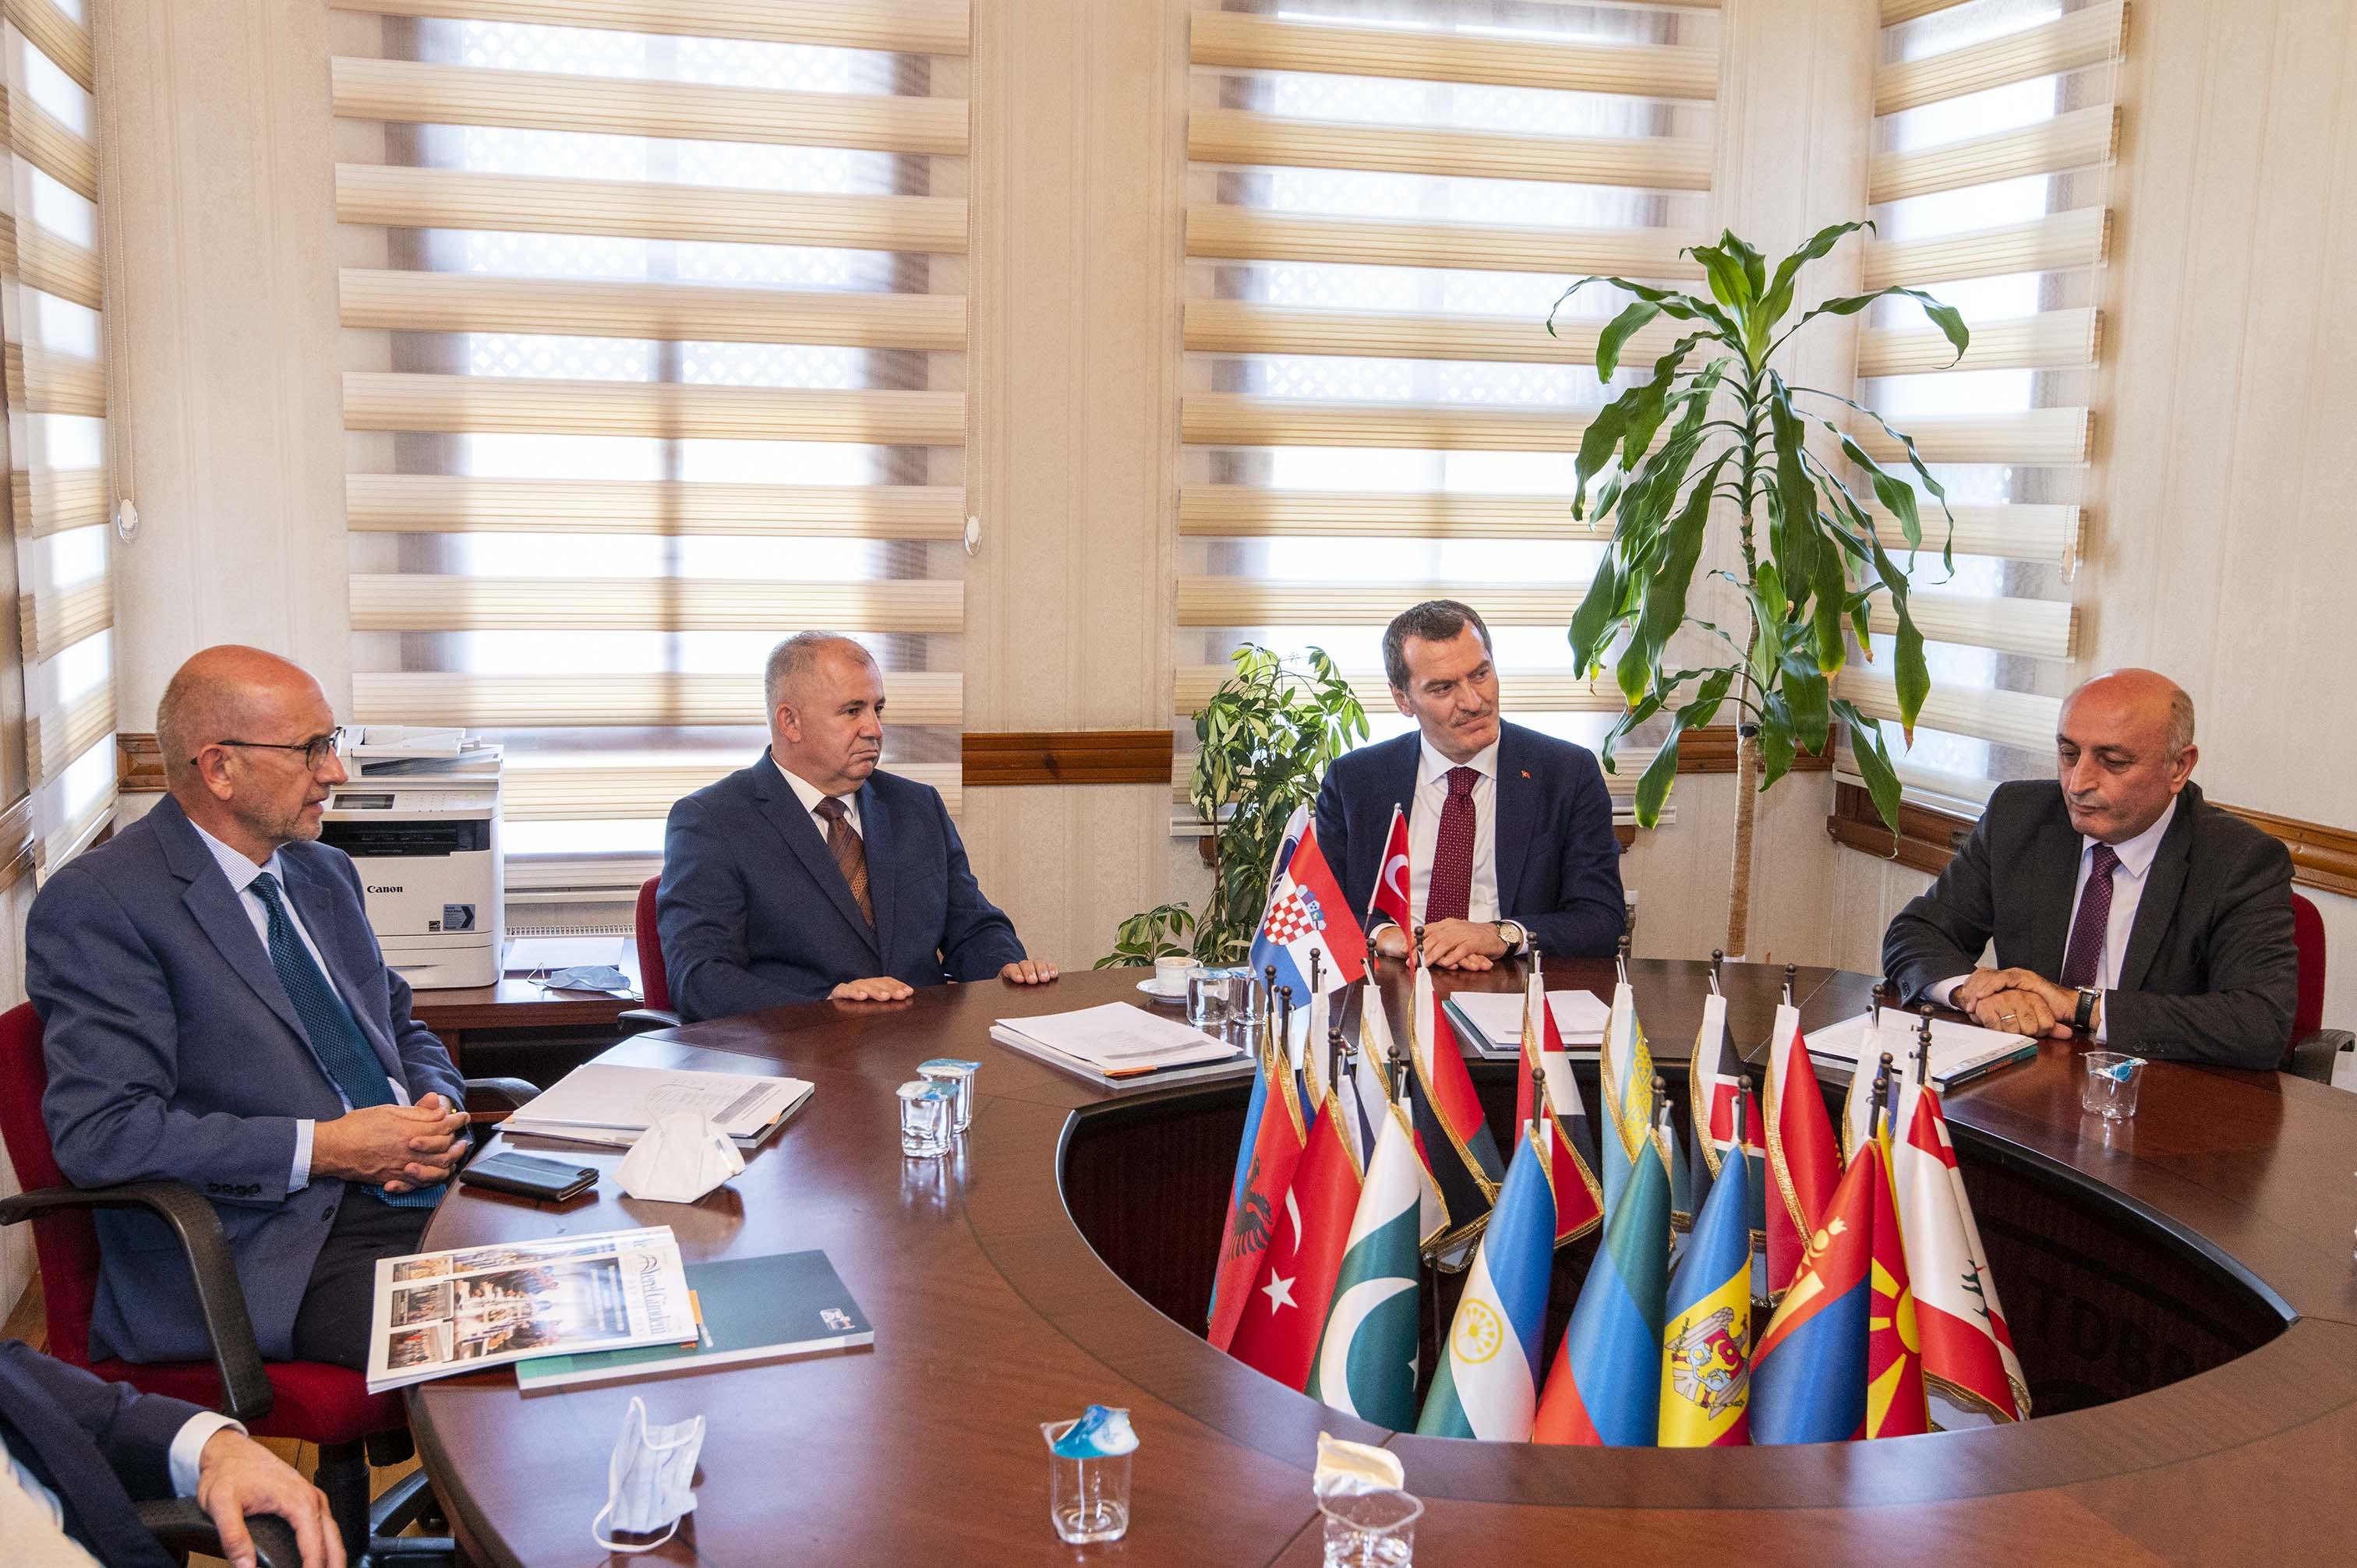 Svečano potpisivanje protokola o suradnji između Hrvatske zajednice općina i Unije općina turskog svijeta